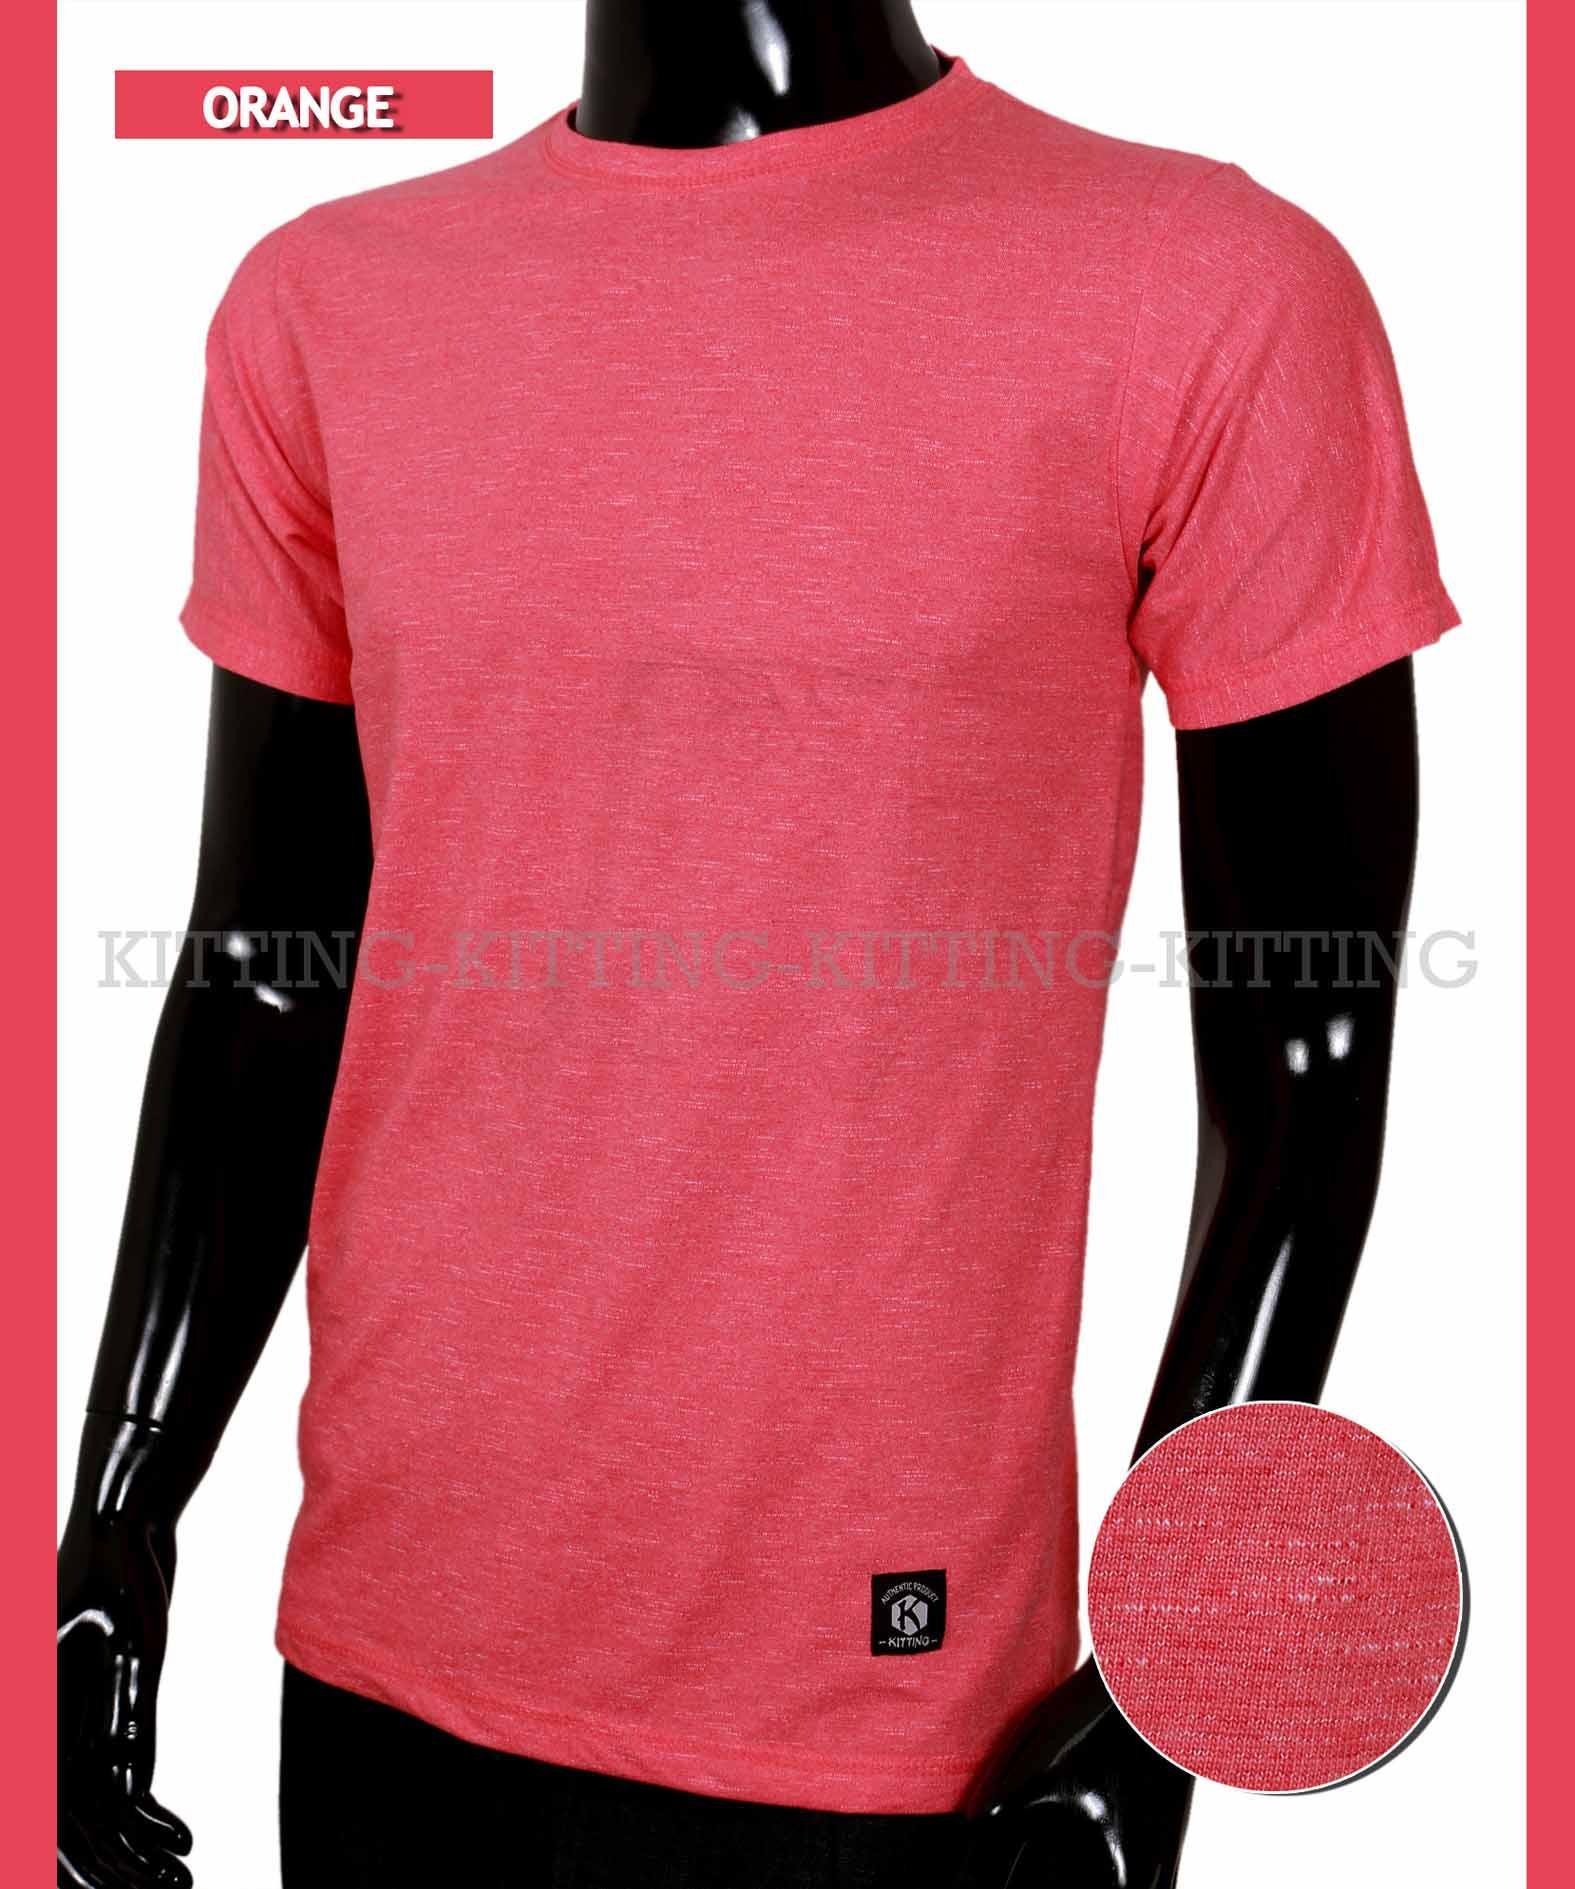 Kaos pria fashion terbaru motif keren warna orange